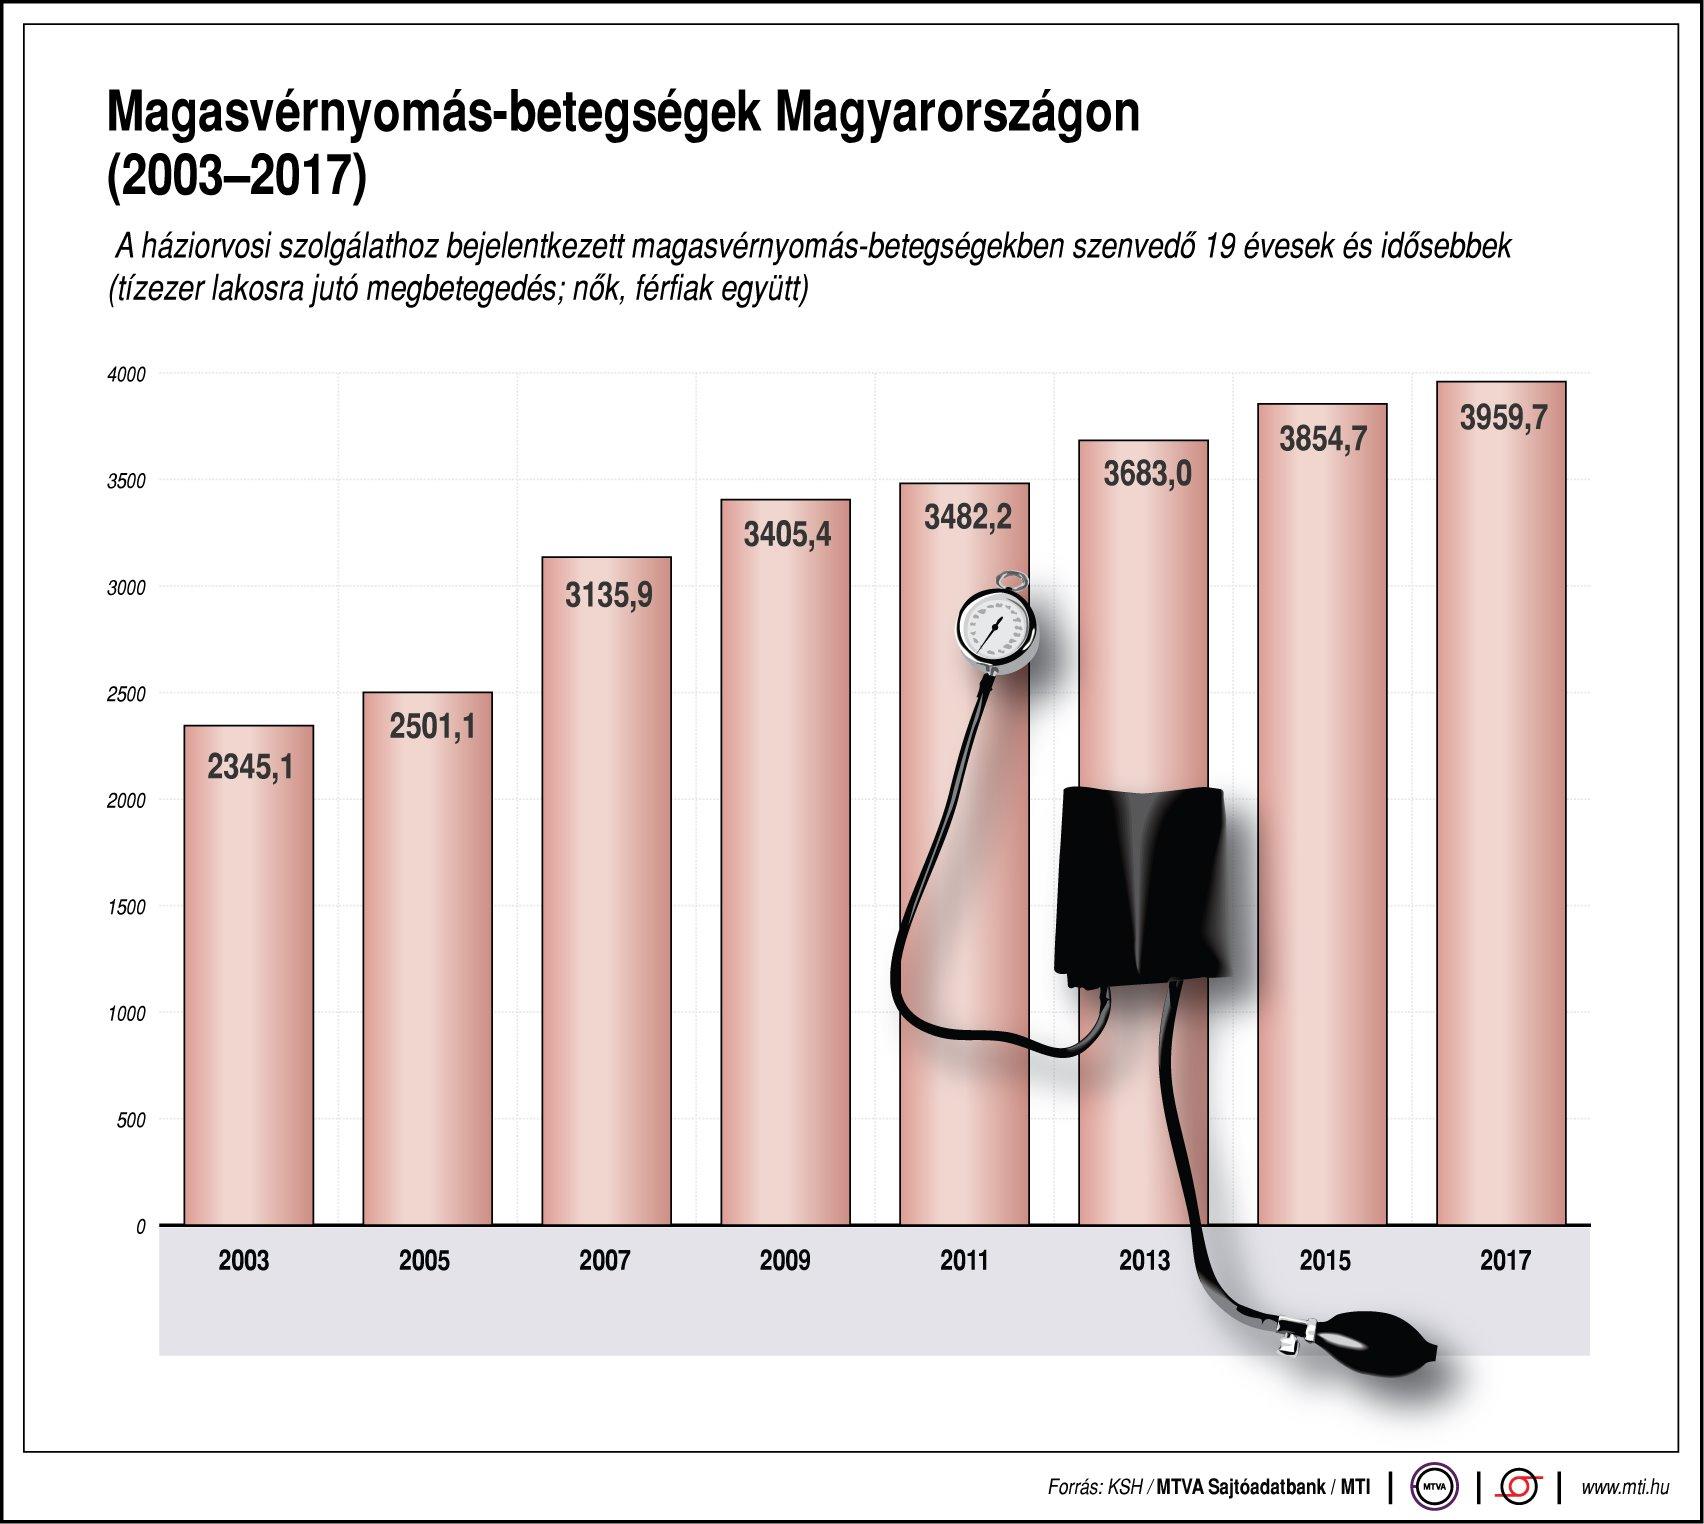 nappali kórházi magas vérnyomás magas vérnyomás kezelésére ki